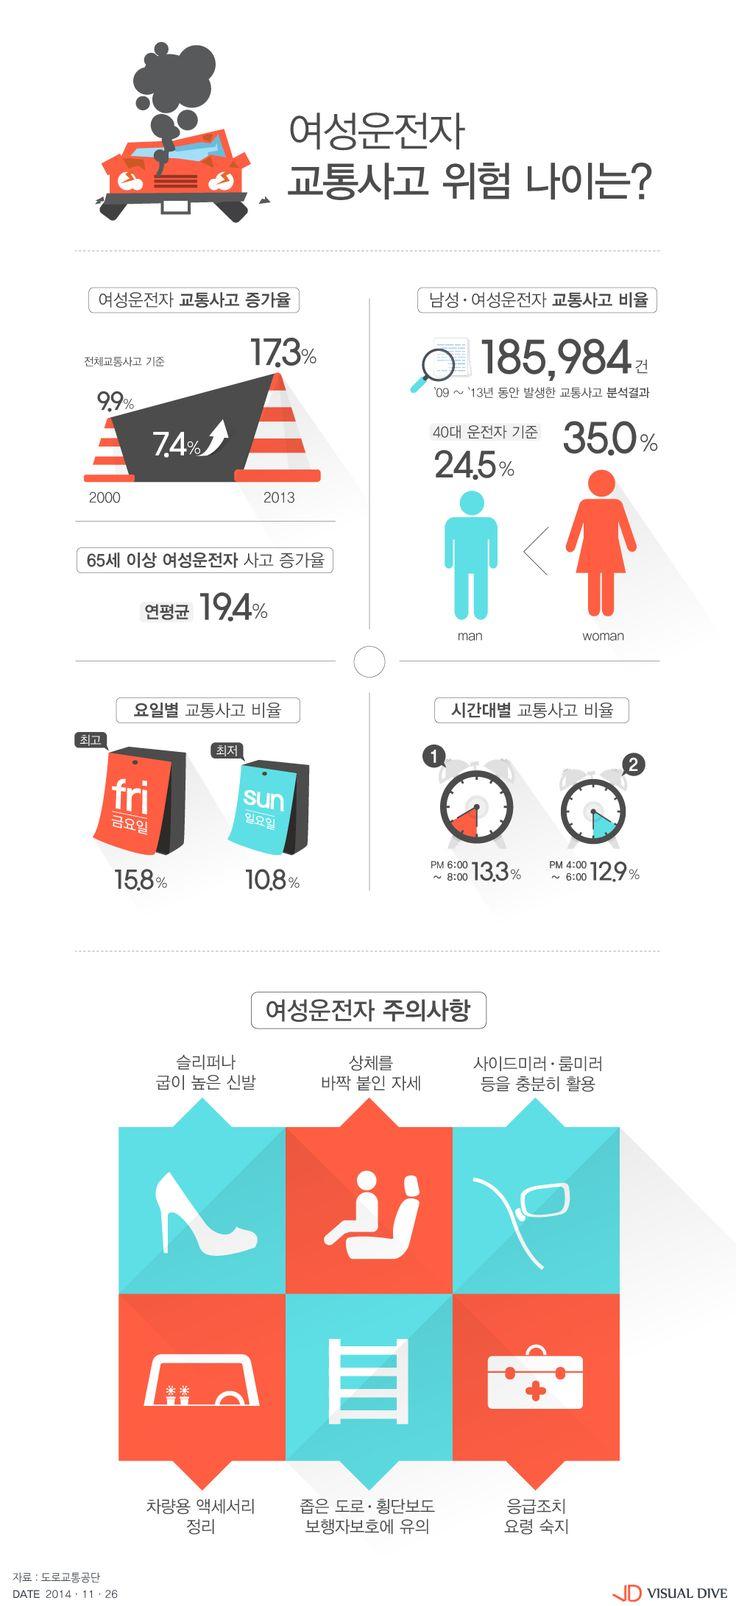 여성운전자 교통사고, 매년 증가…40대가 가장 많아 [인포그래픽] #Women car accident / #Infographic ⓒ 비주얼다이브 무단 복사·전재·재배포 금지